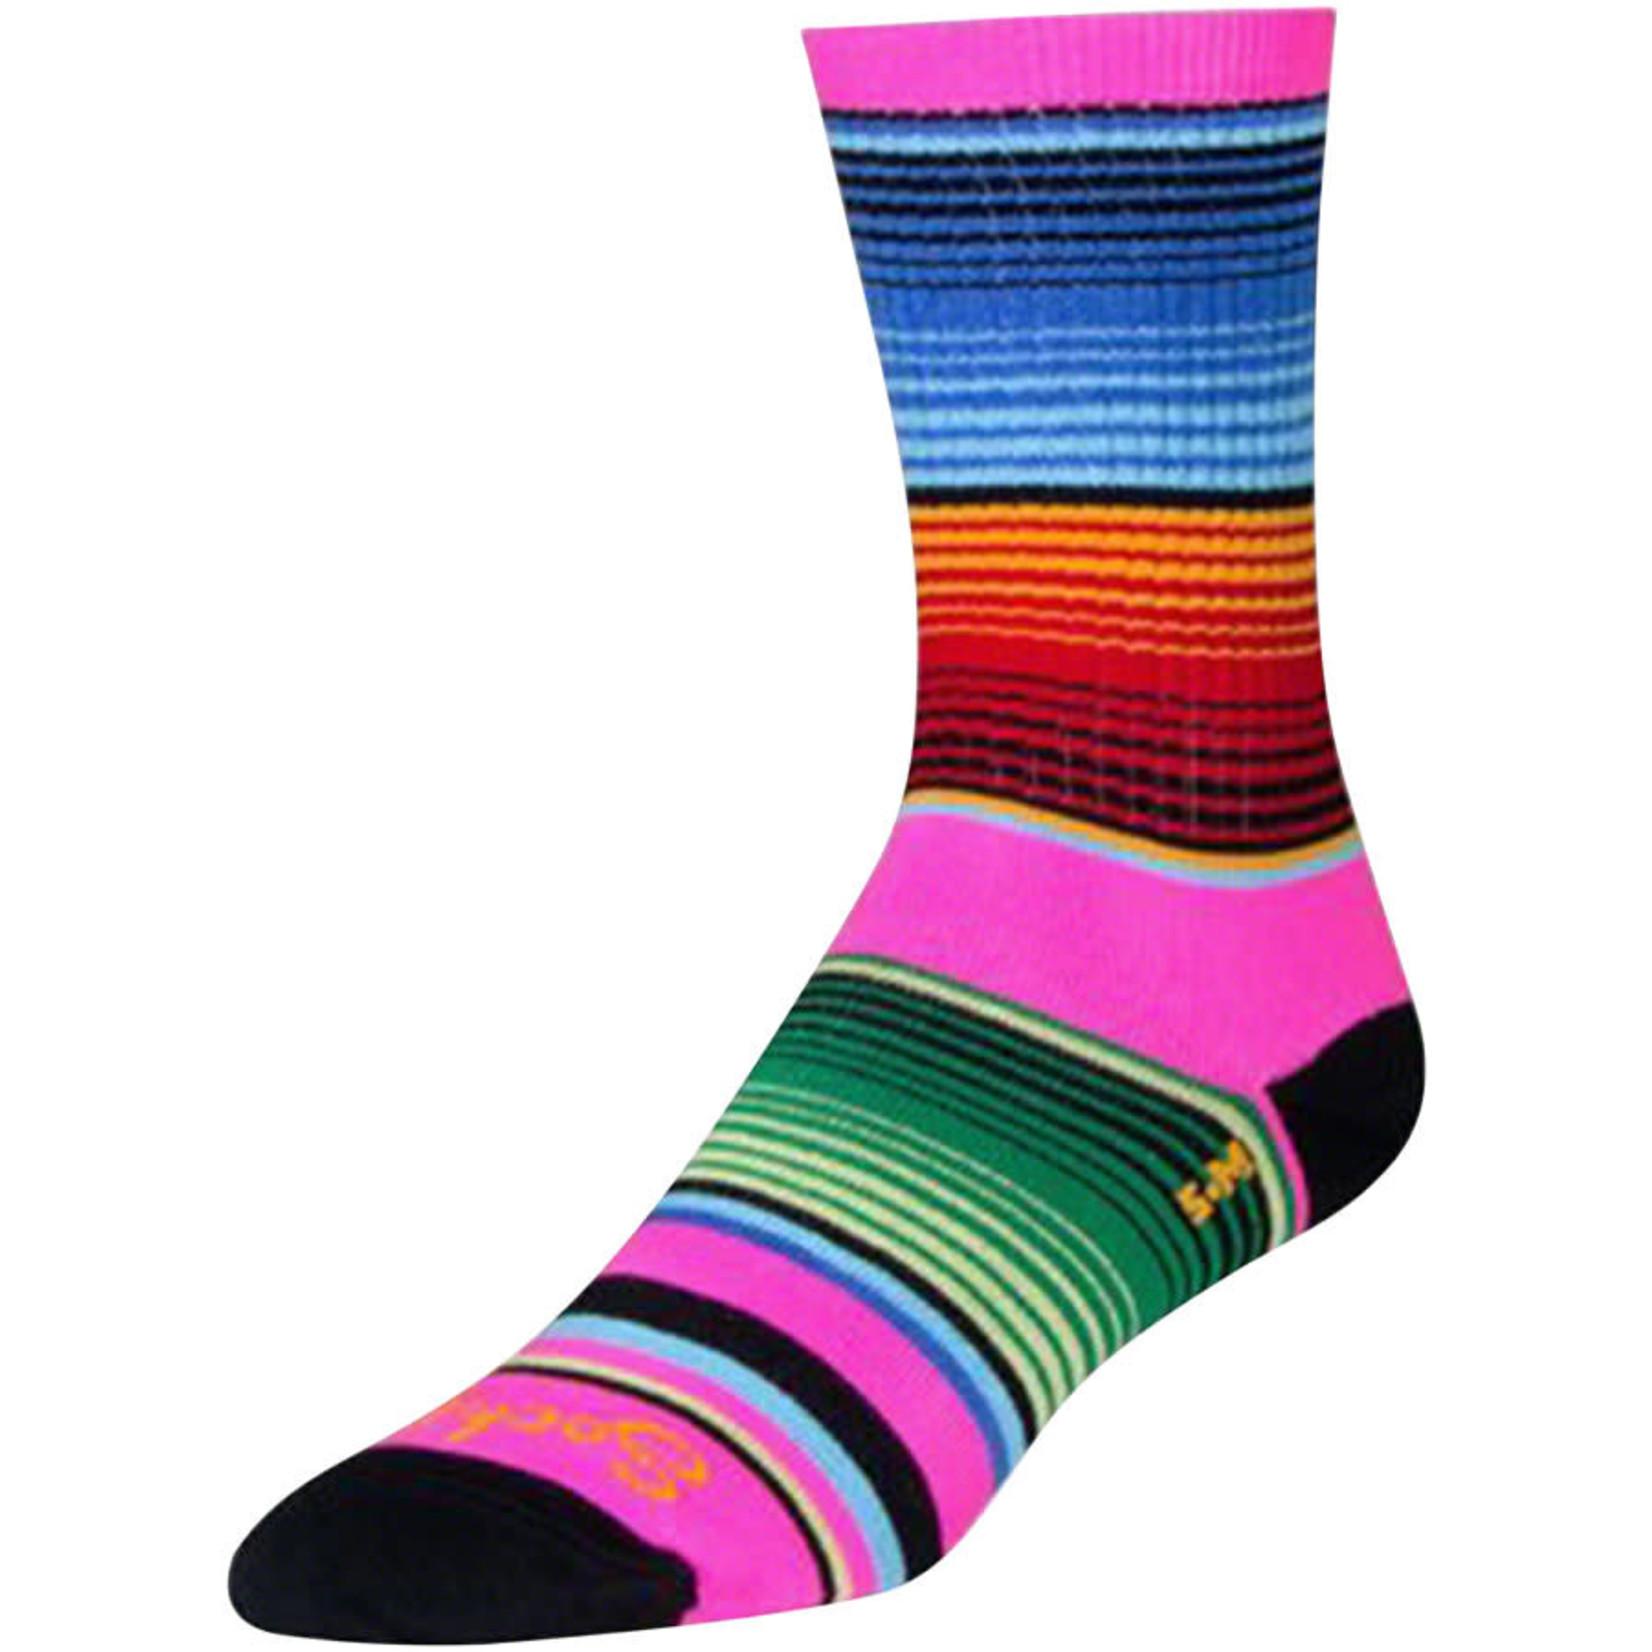 SockGuy SockGuy Crew Siesta Socks - 6 inch - Pink/Multi-Color